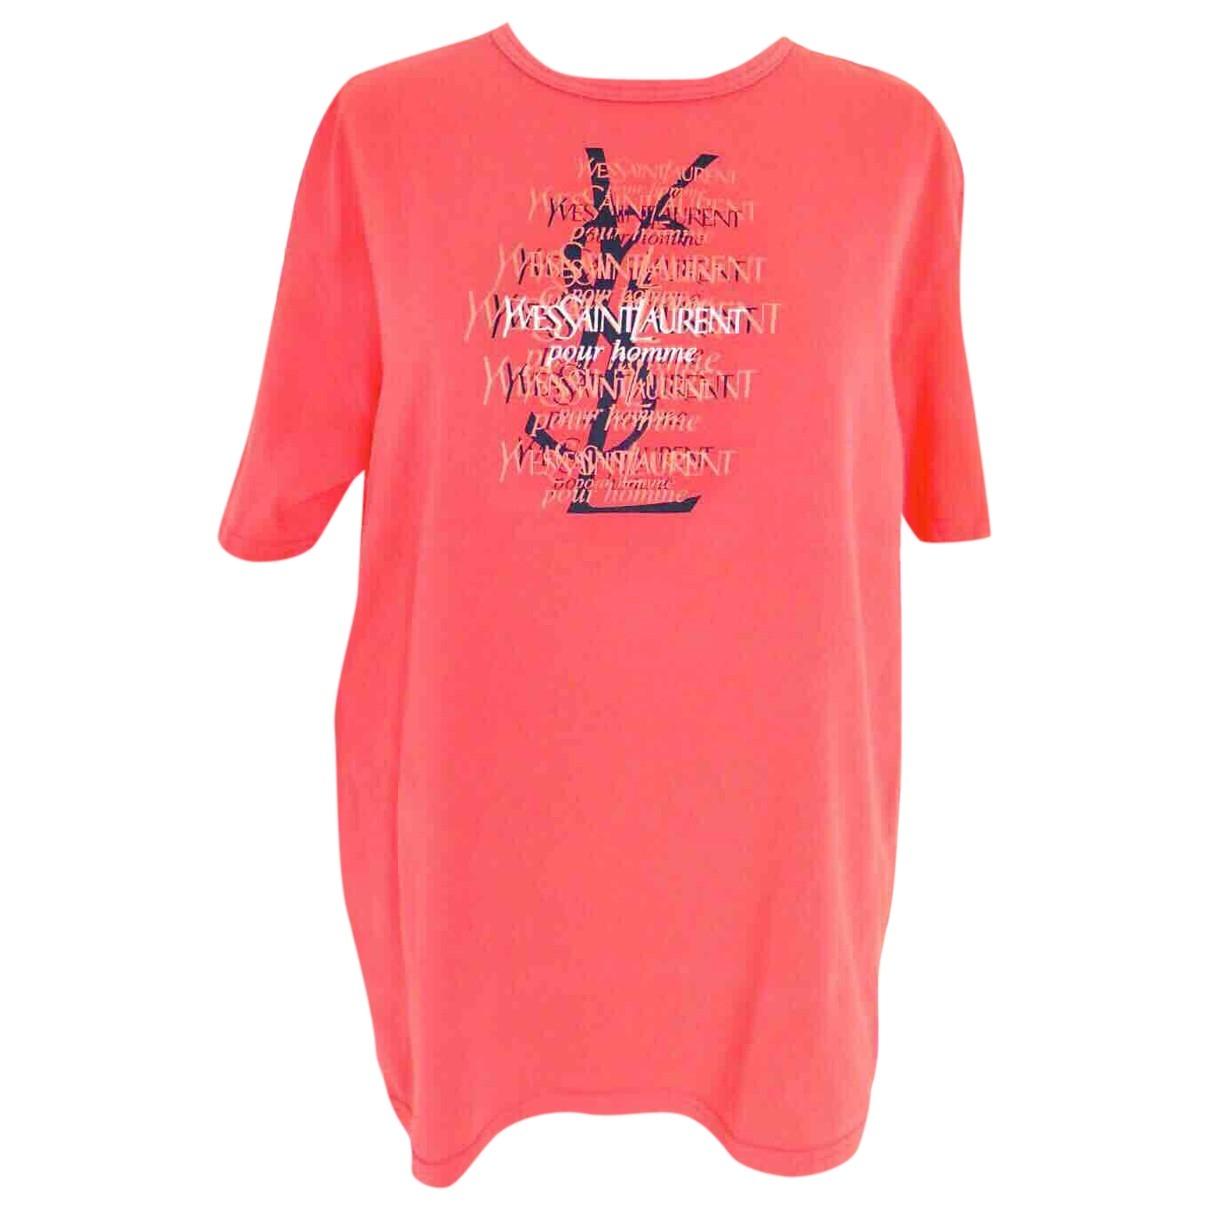 Yves Saint Laurent - Tee shirts   pour homme en coton - rose